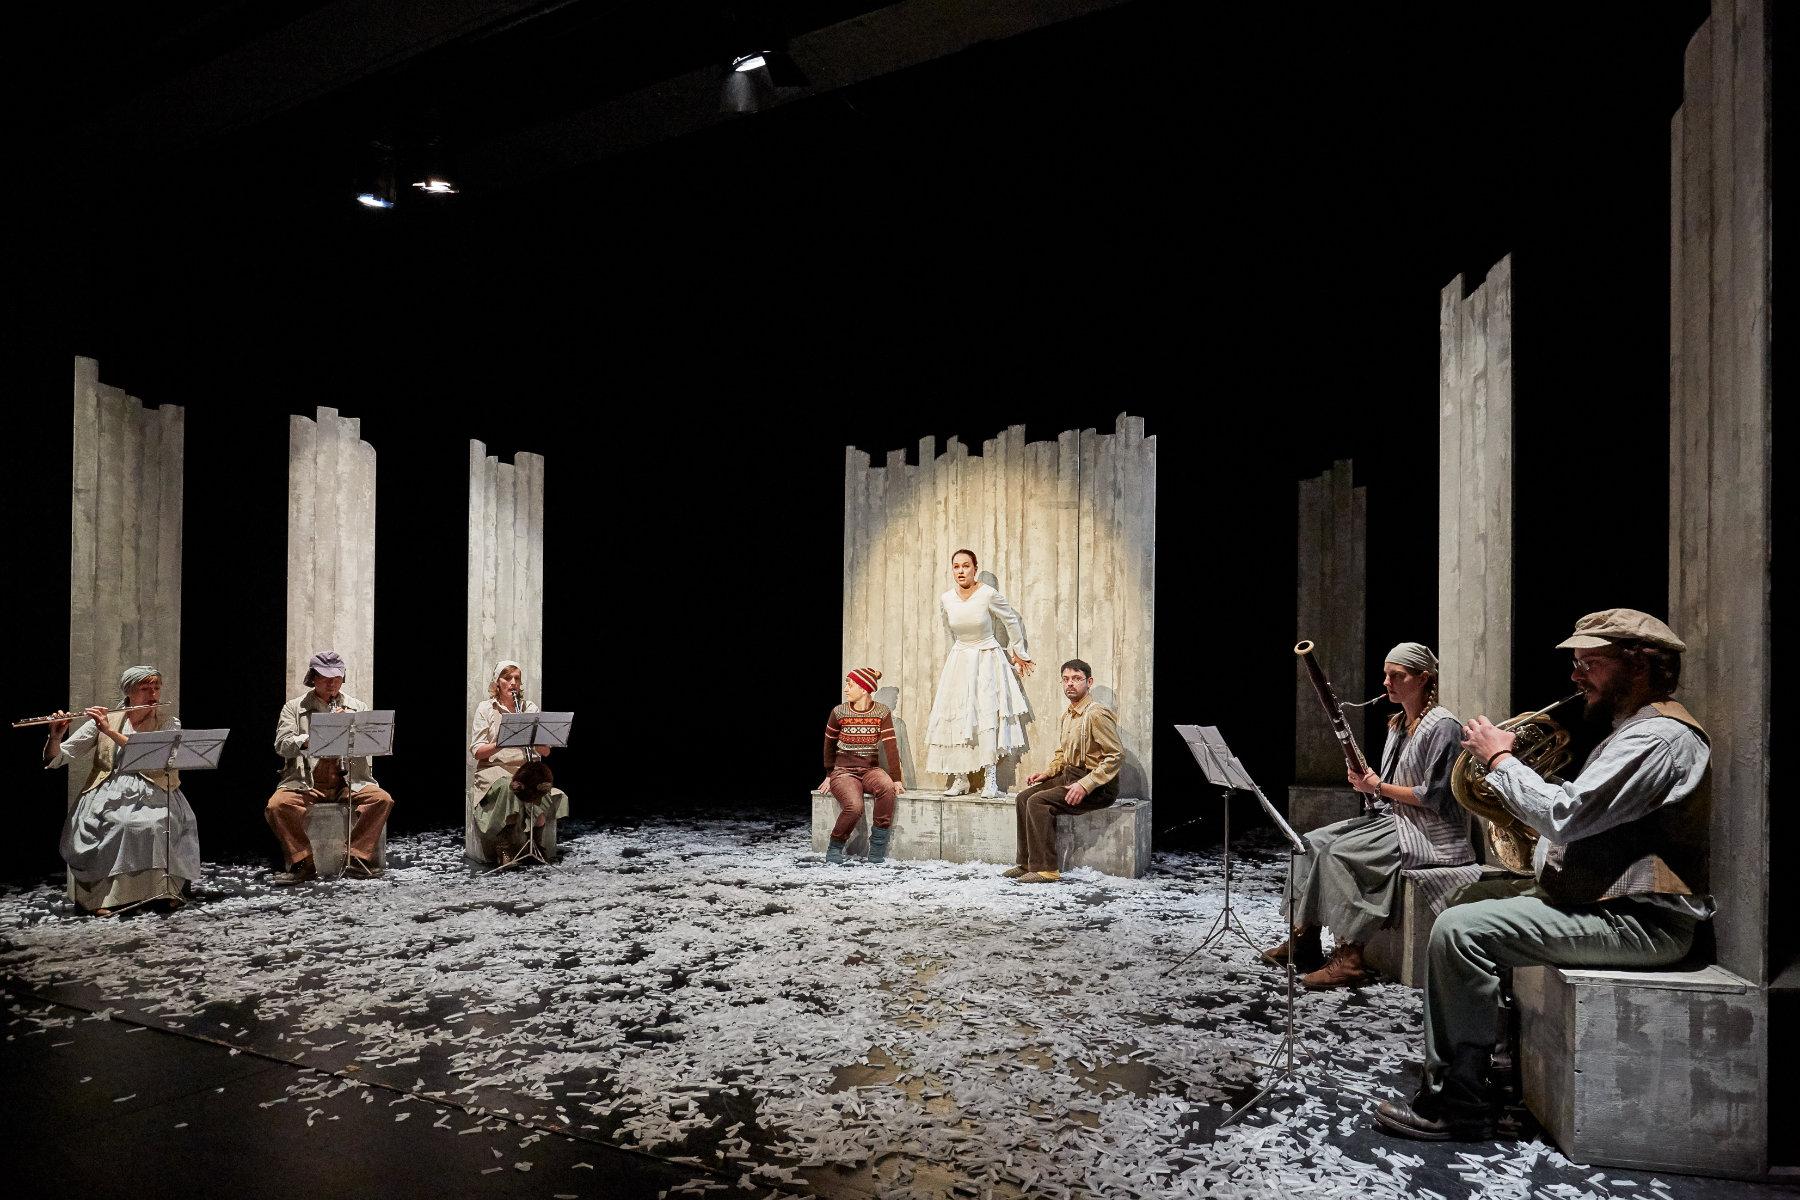 2017 // Bühnenbild und Kostüme für Peter und der Wolf / Reyhani / Regie: Thomas Hollaender / Schauburg München